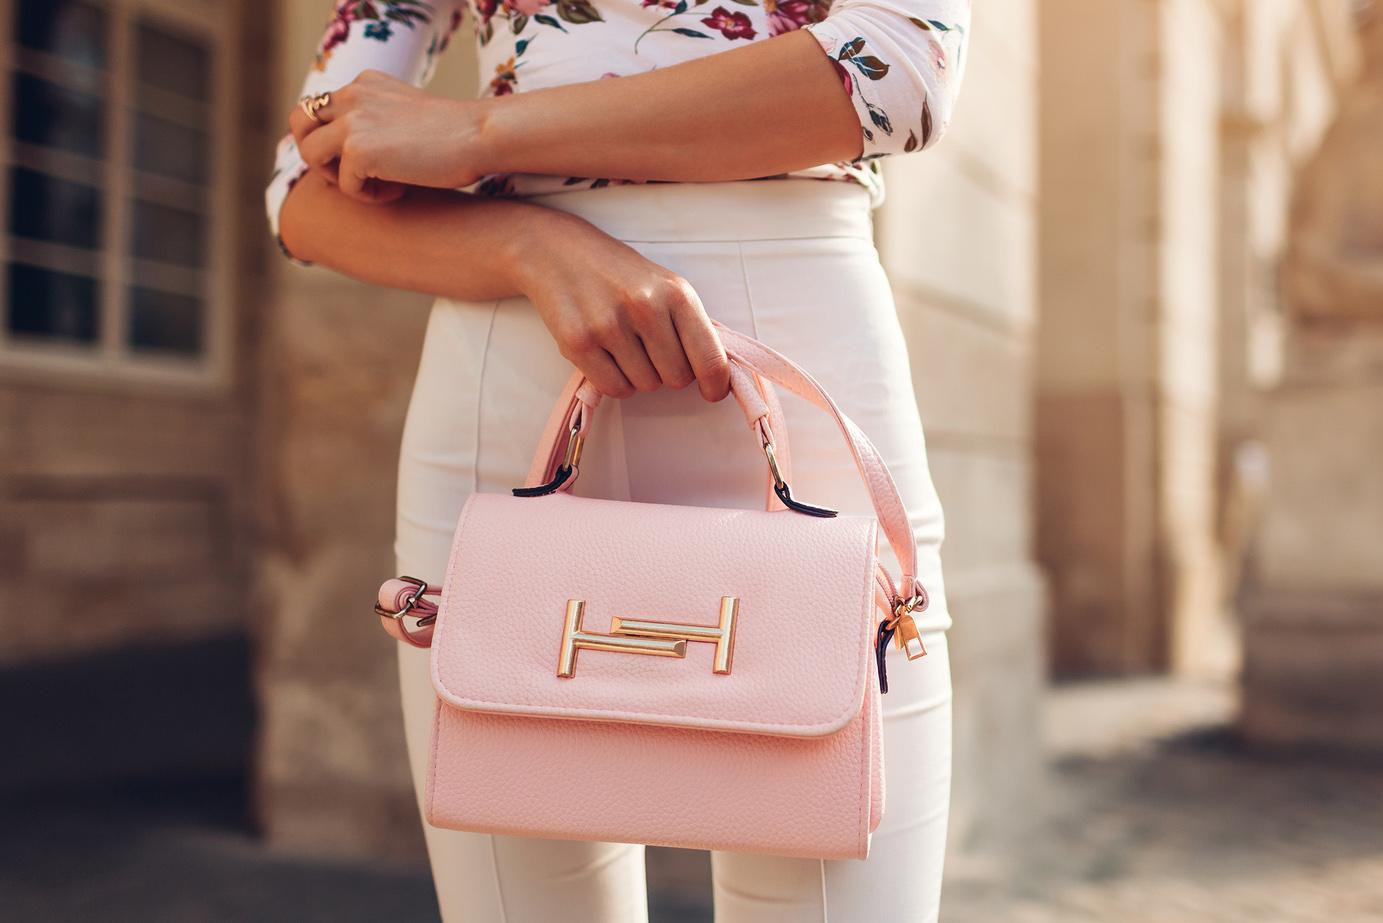 Kuva vaaleanpunaisesta laukusta tyylikkään naisen kädessä